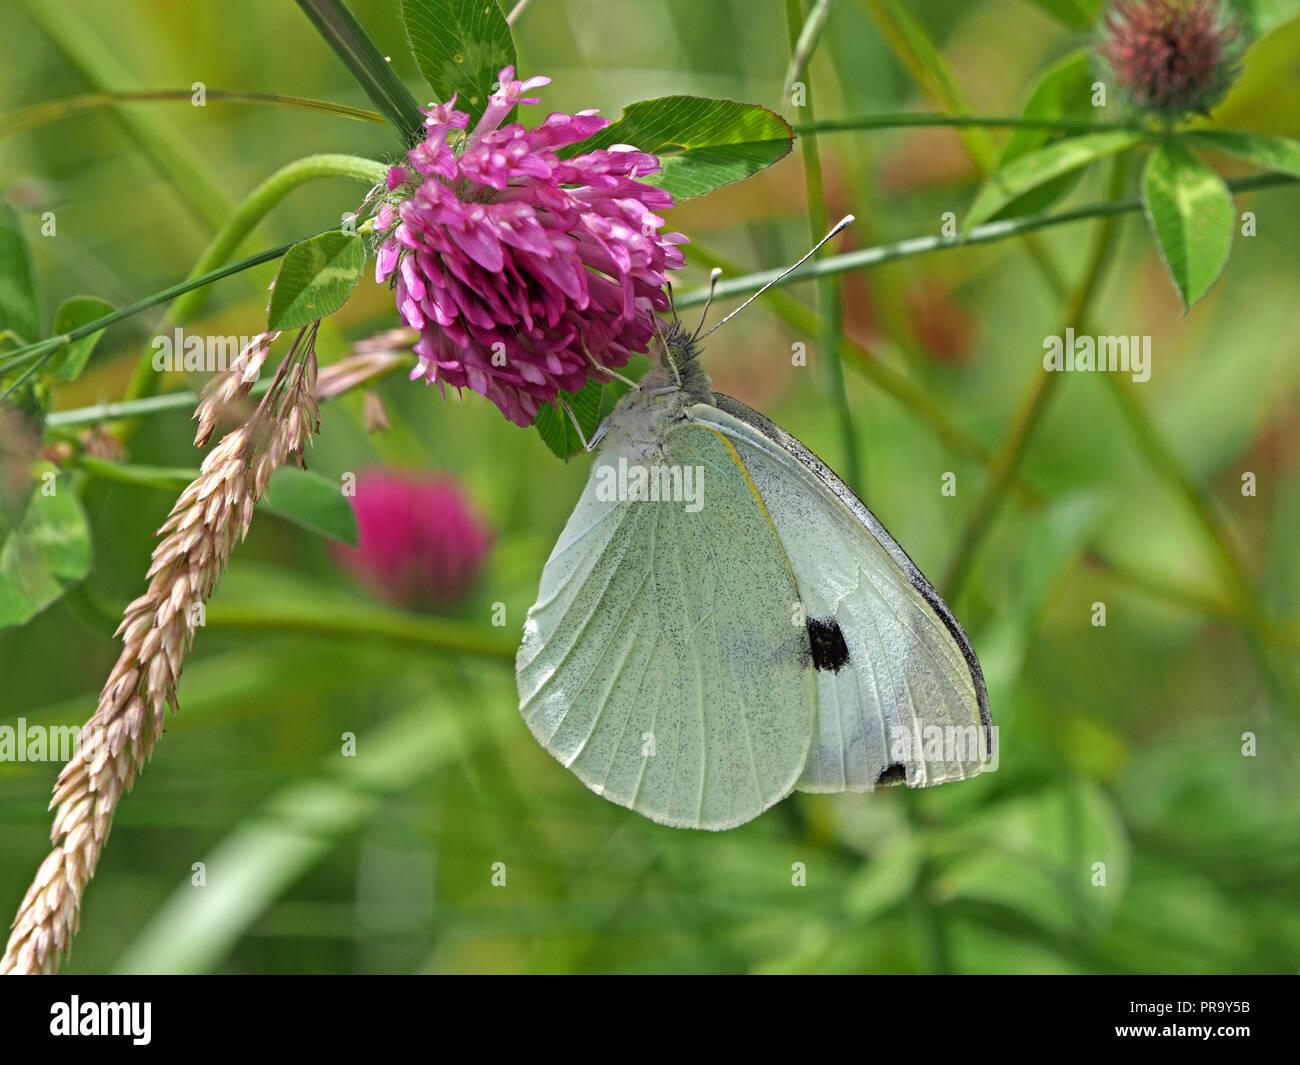 Grosser Weisser Schmetterling Futterung Auf Blume Von Rotklee